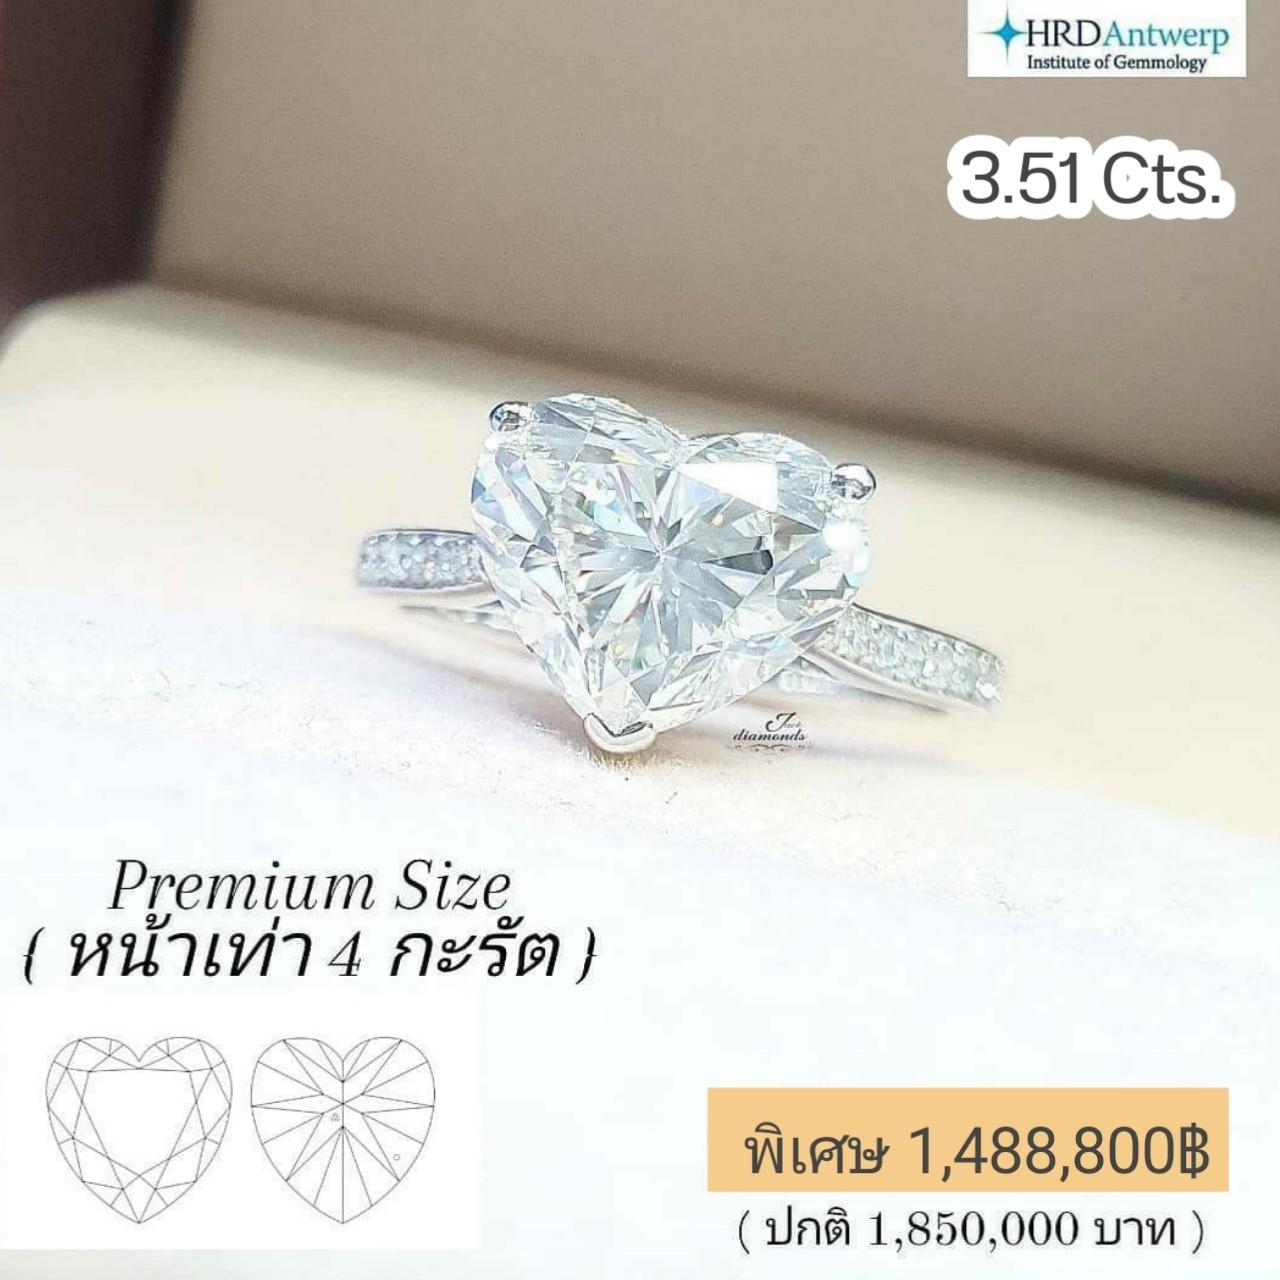 แหวนเพขร Premium Size